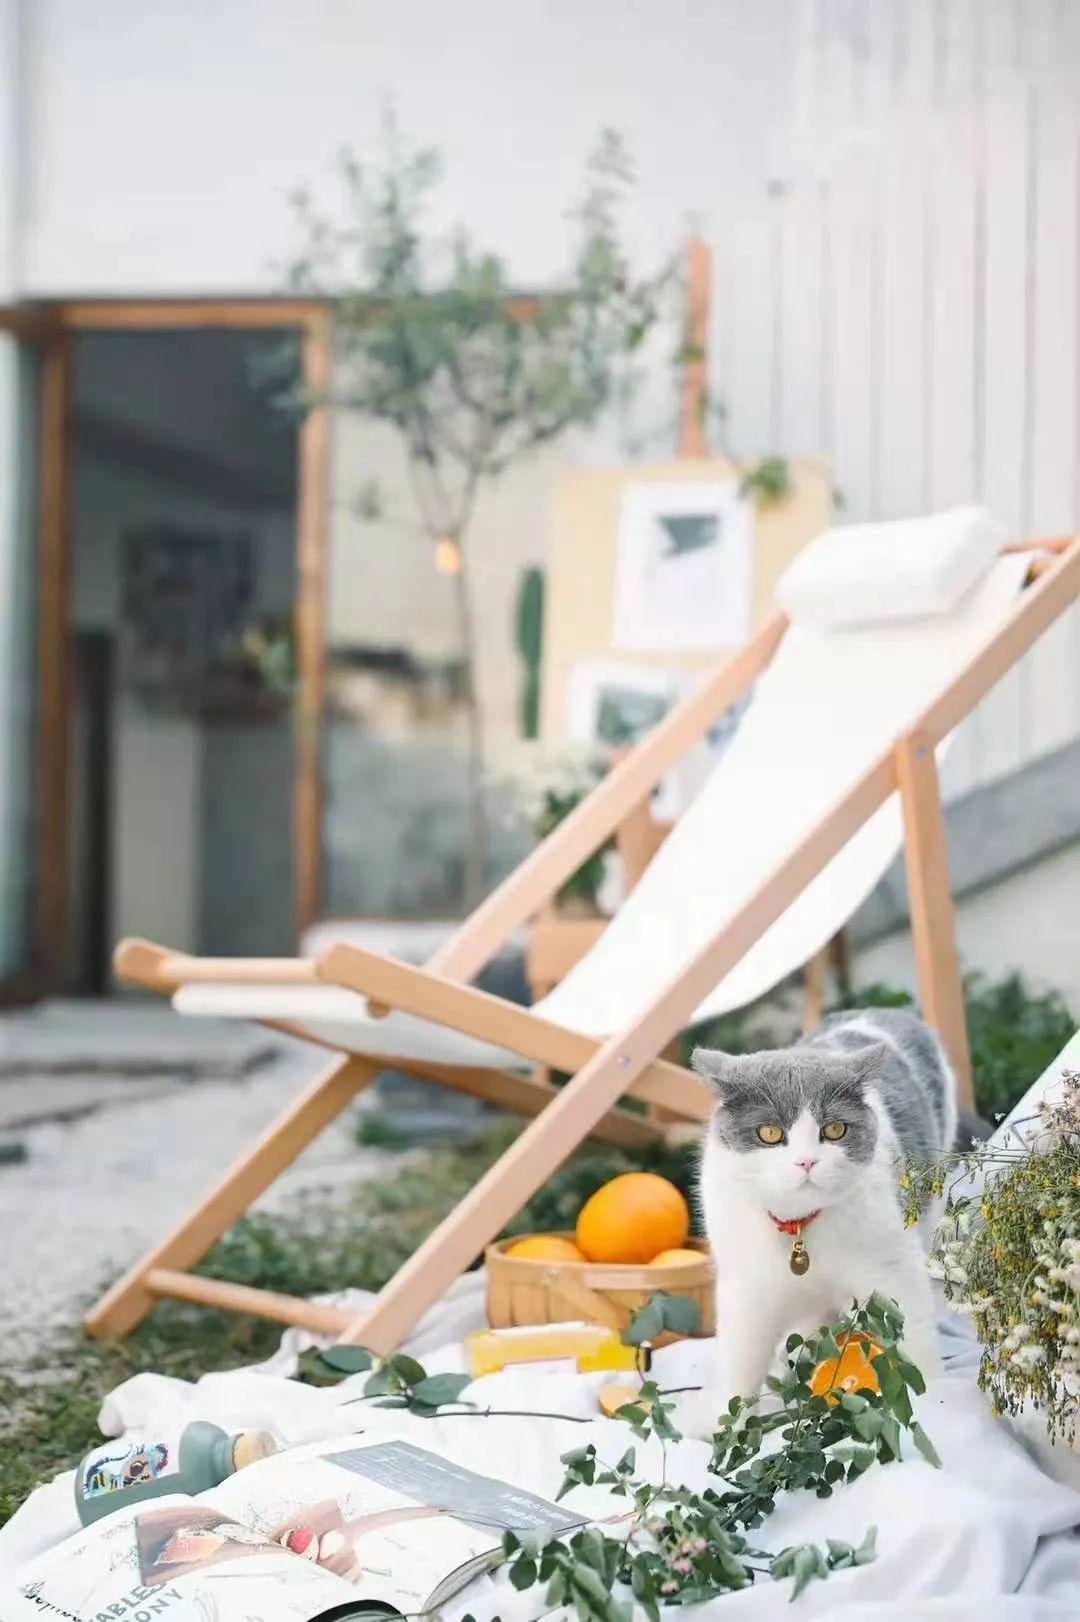 店里还有可爱的猫猫© 呵呵旅行手帐